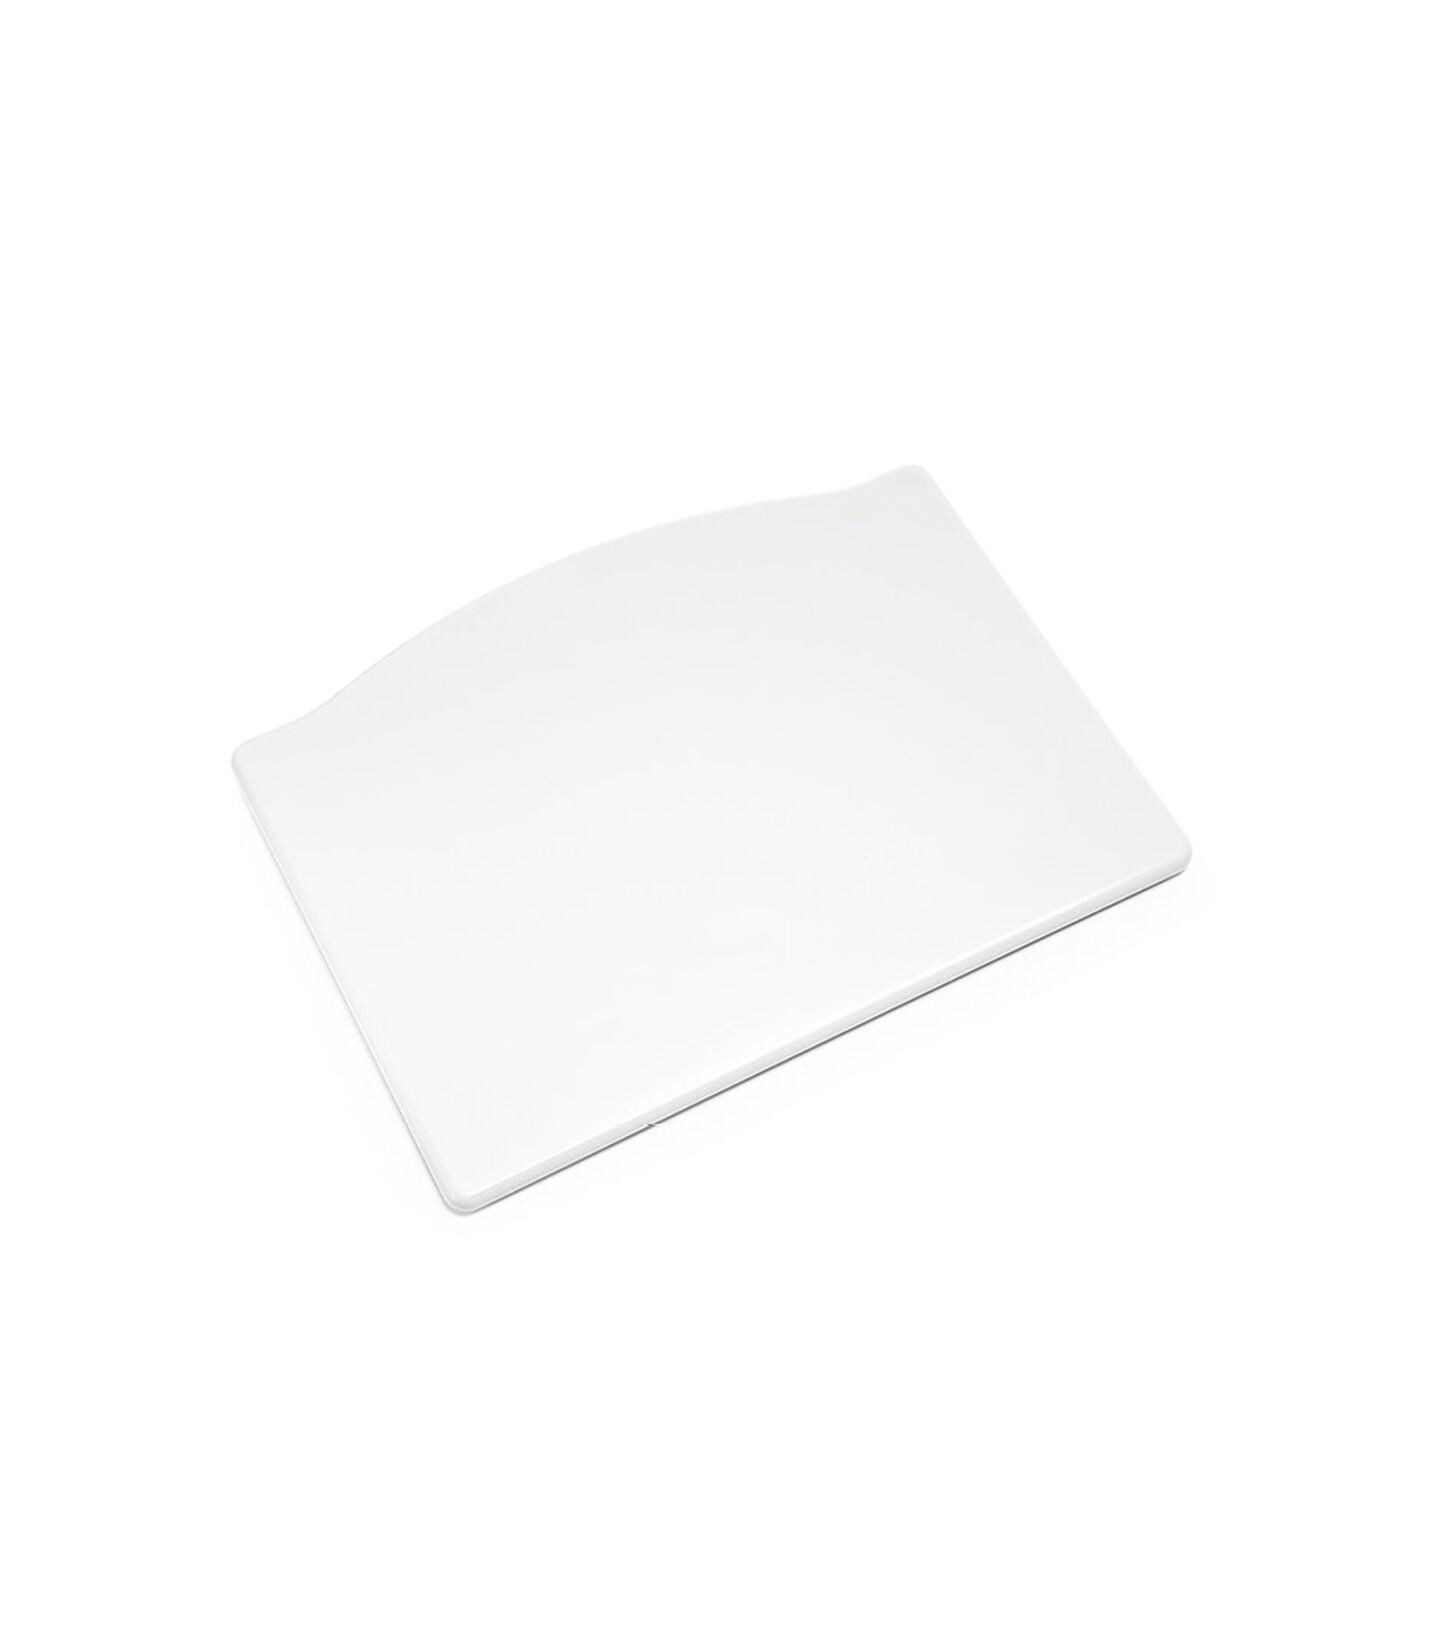 Tripp Trapp® Voetenplank White, White, mainview view 1